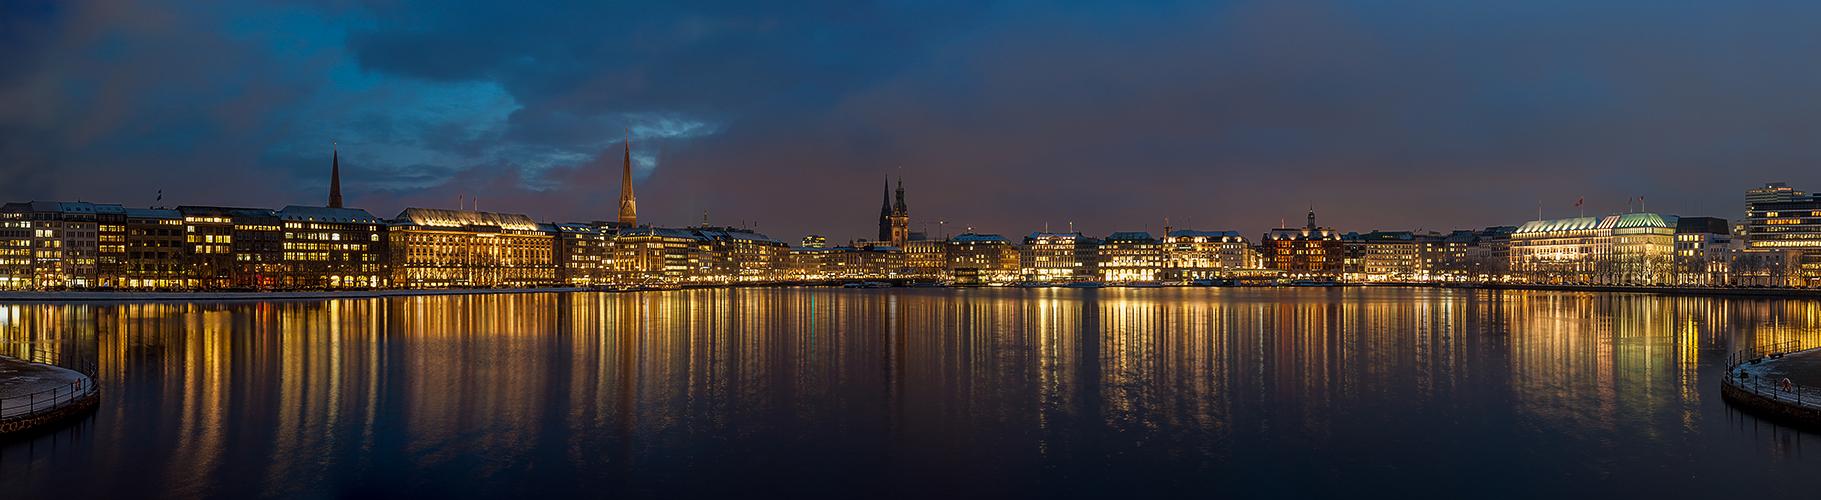 Hamburg - Jungfernstieg Panorama